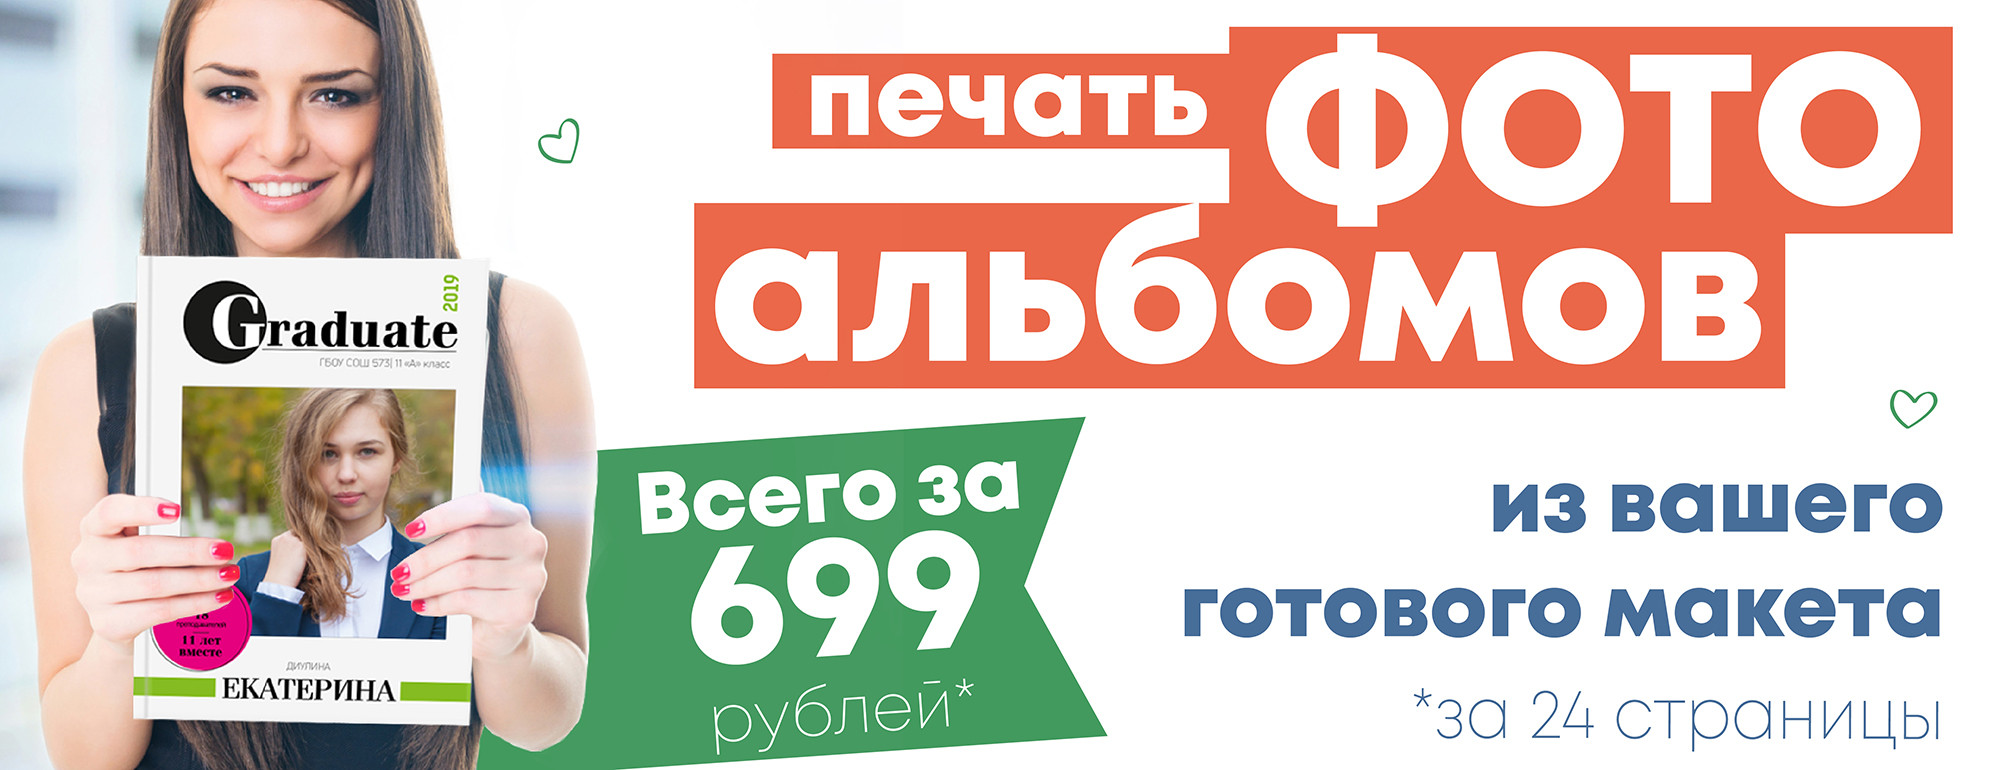 Заказать печать альбома из своего макета за 699 рублей